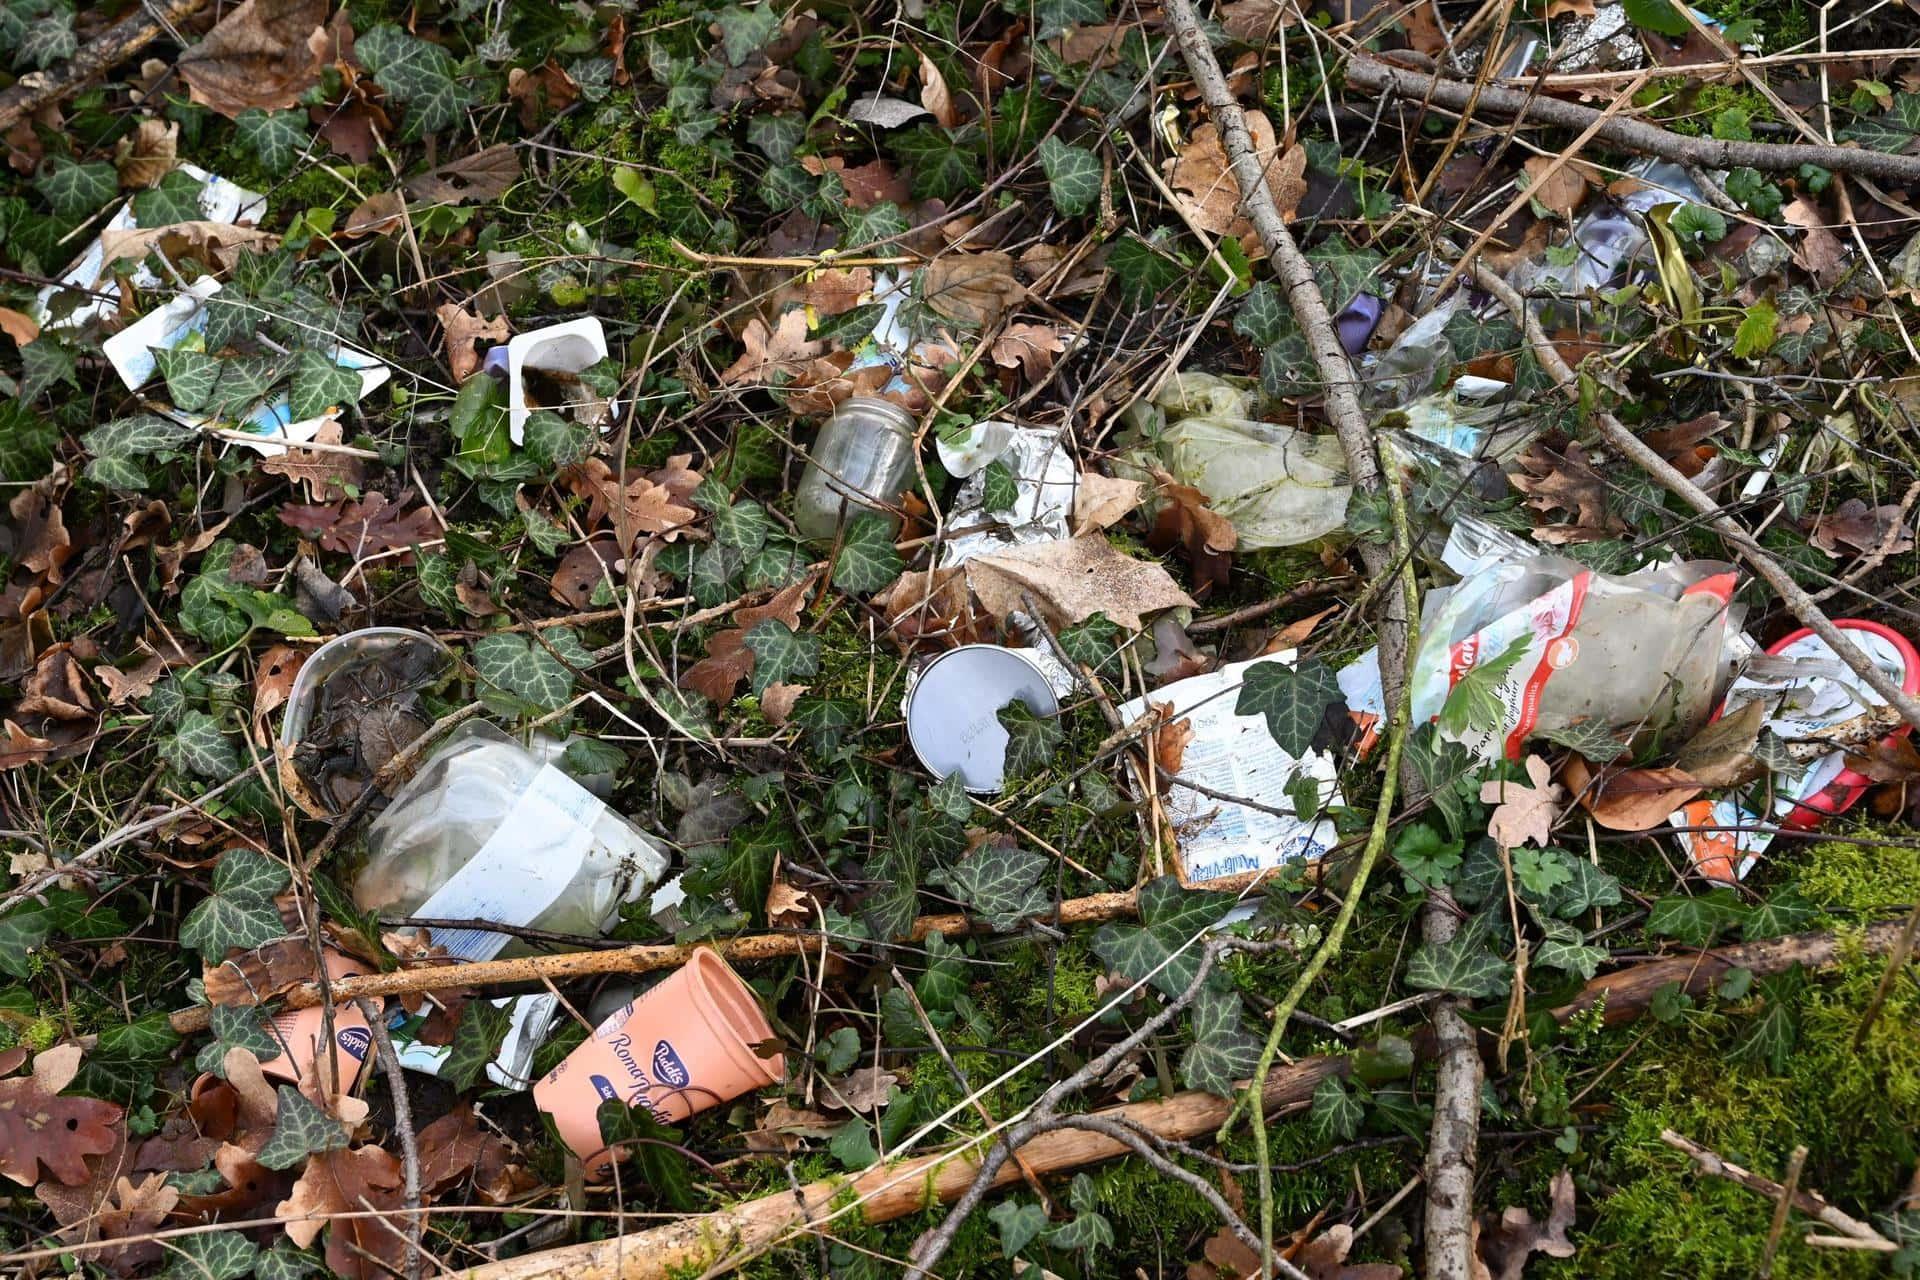 """In Bayerns Wäldern soll es weniger Plastik geben Kaniber: """"Wir stellen die Förderung von Kunststoffprodukten konsequent ein"""""""